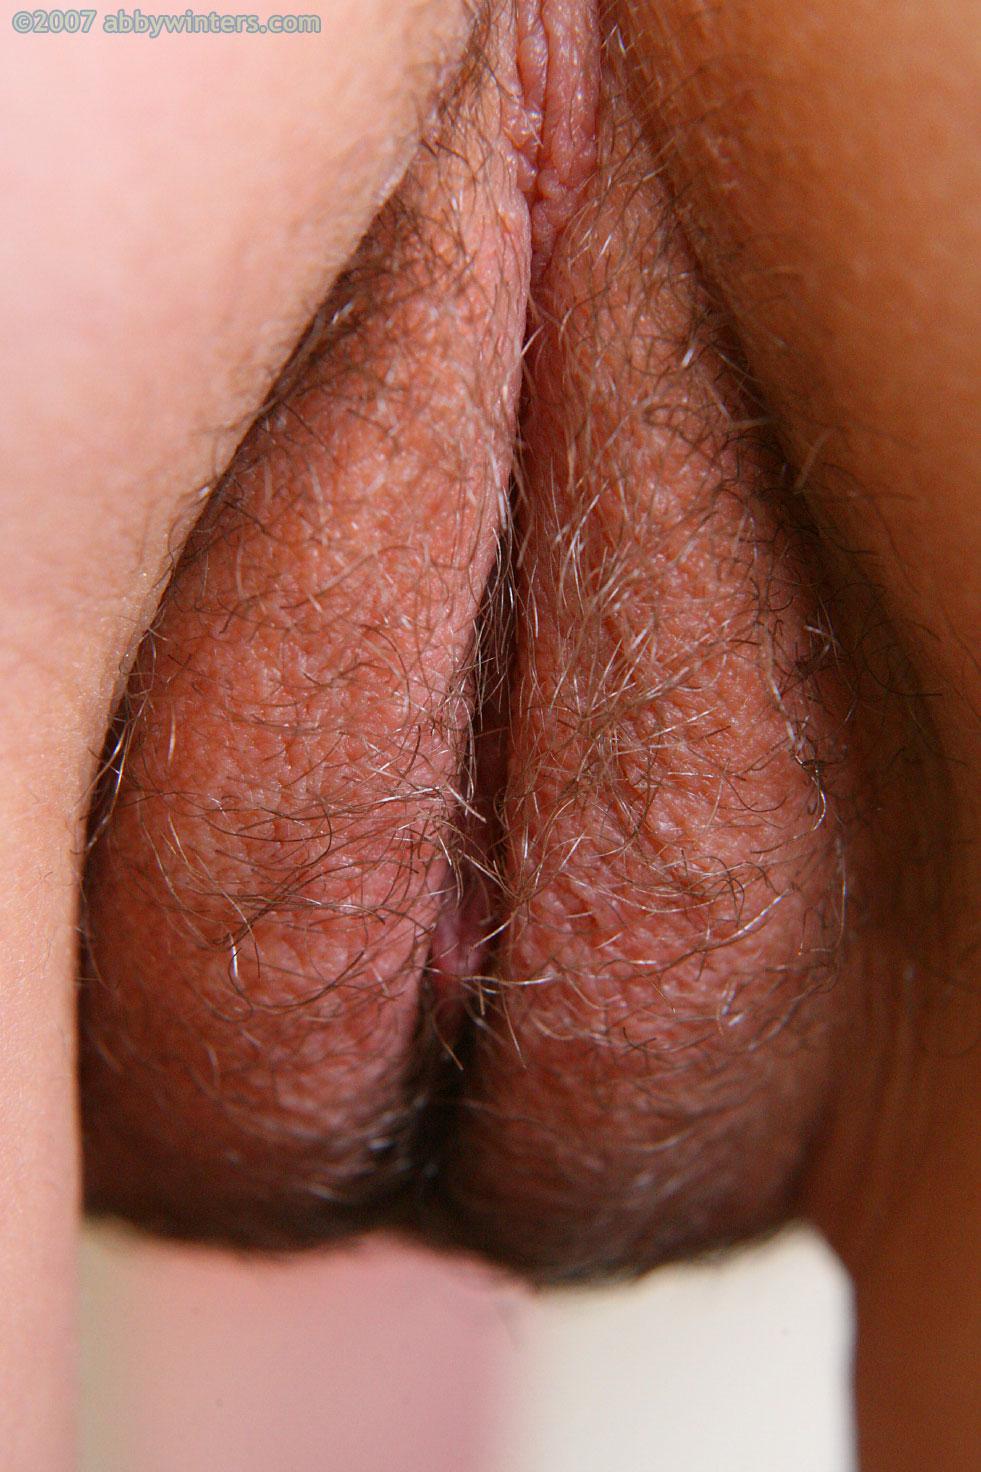 Zdjęcie porno - 1111 - Różowe sterczące sutki